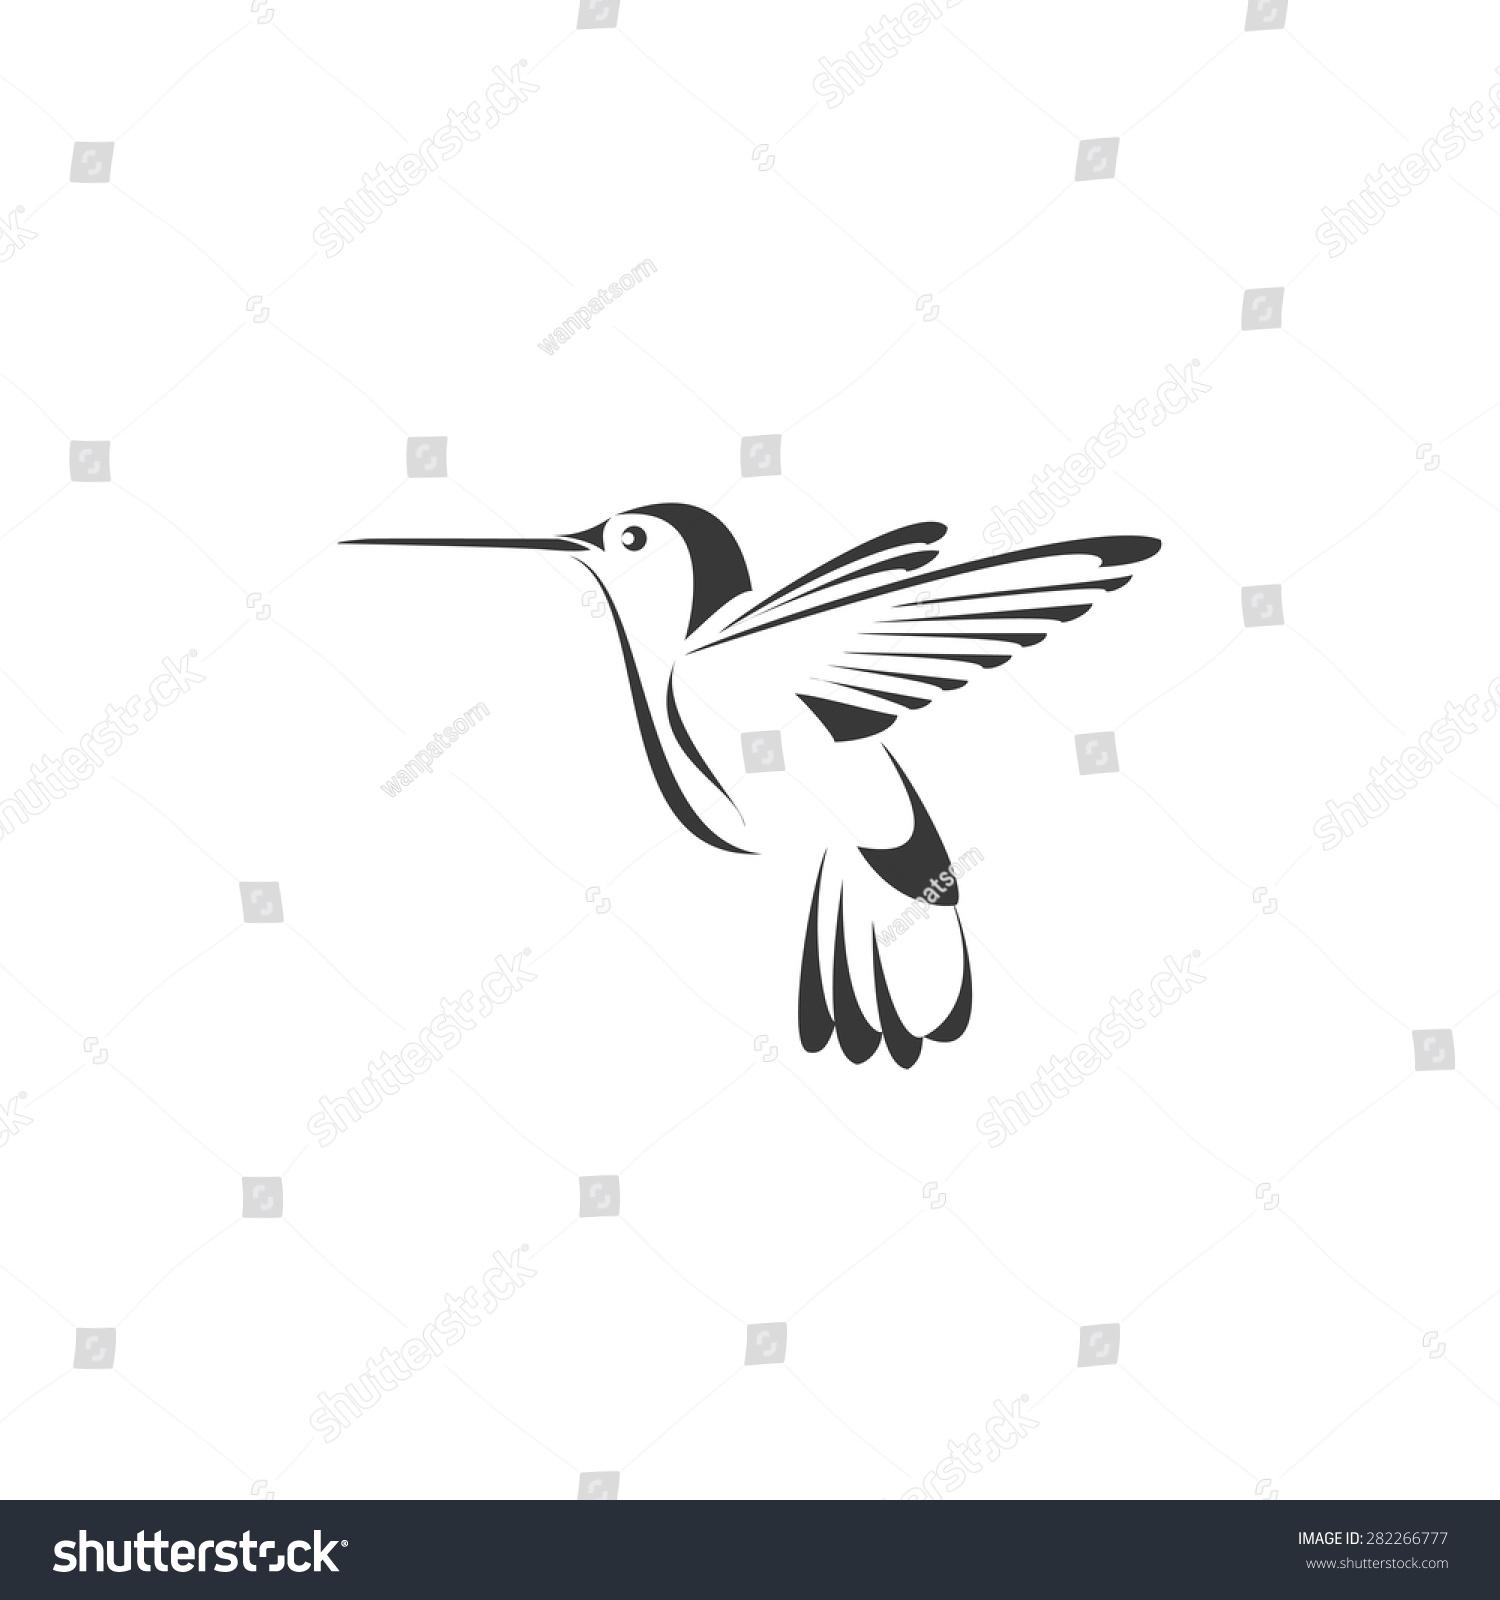 hummingbird icon design template vector stock vector royalty free